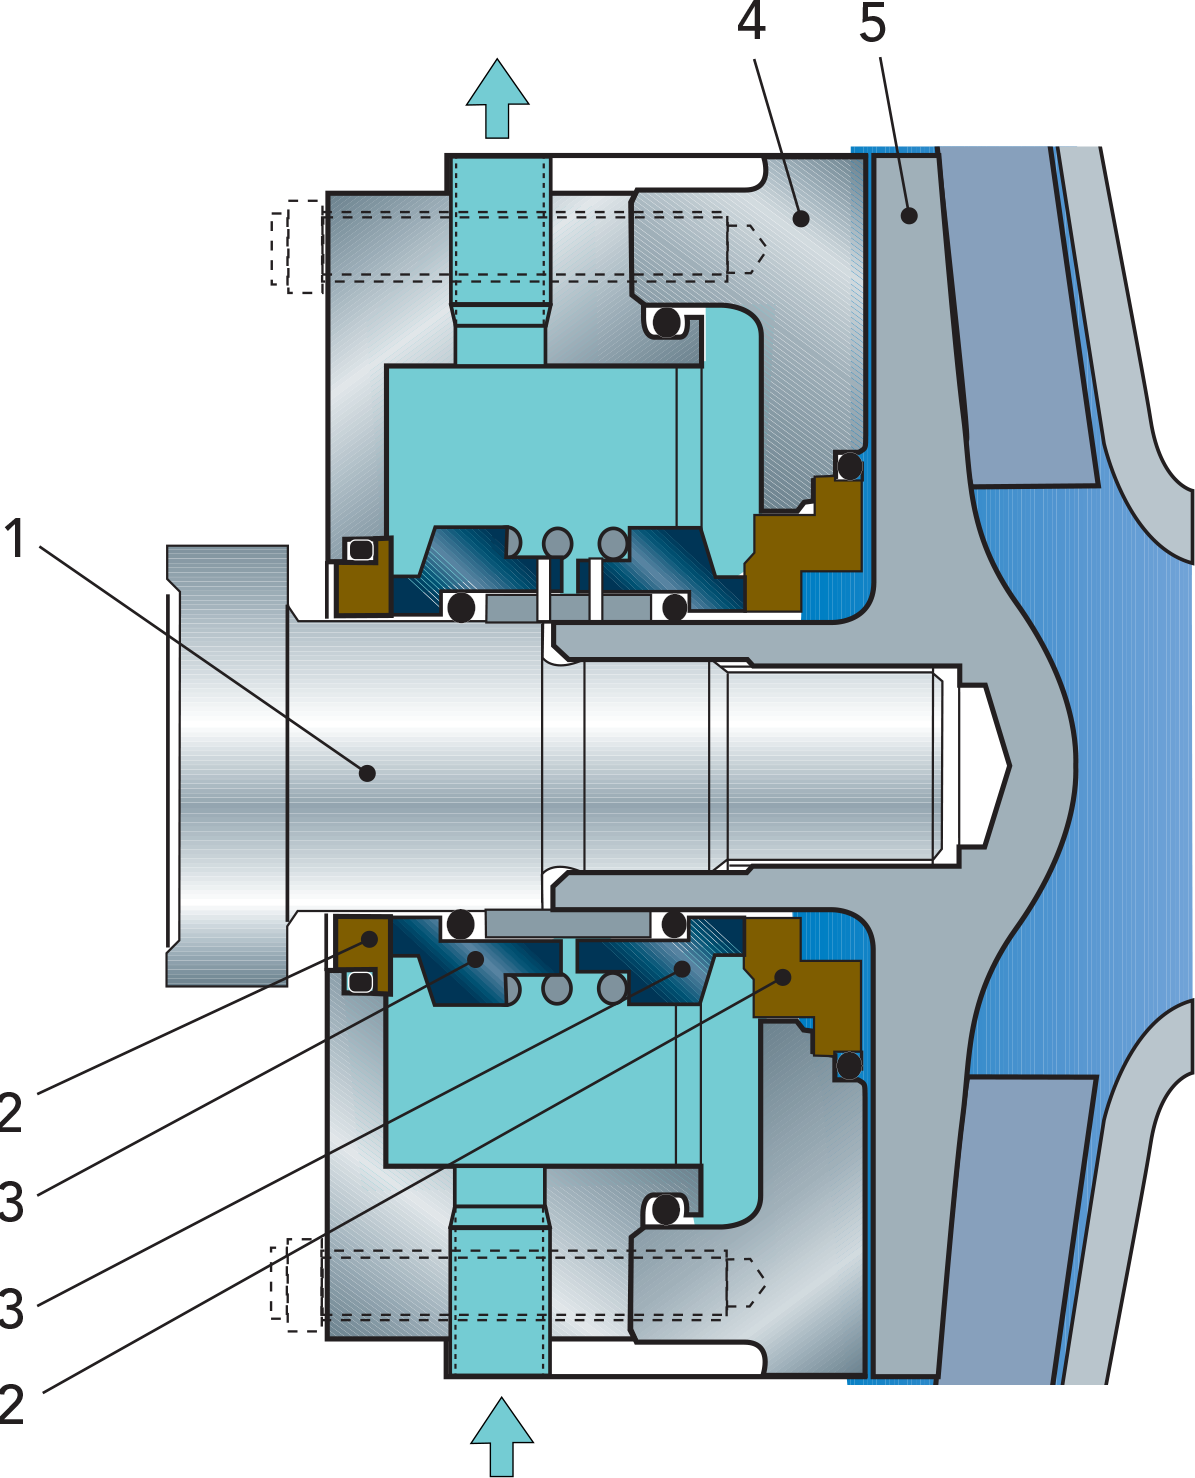 Pumps | Dairy Processing Handbook